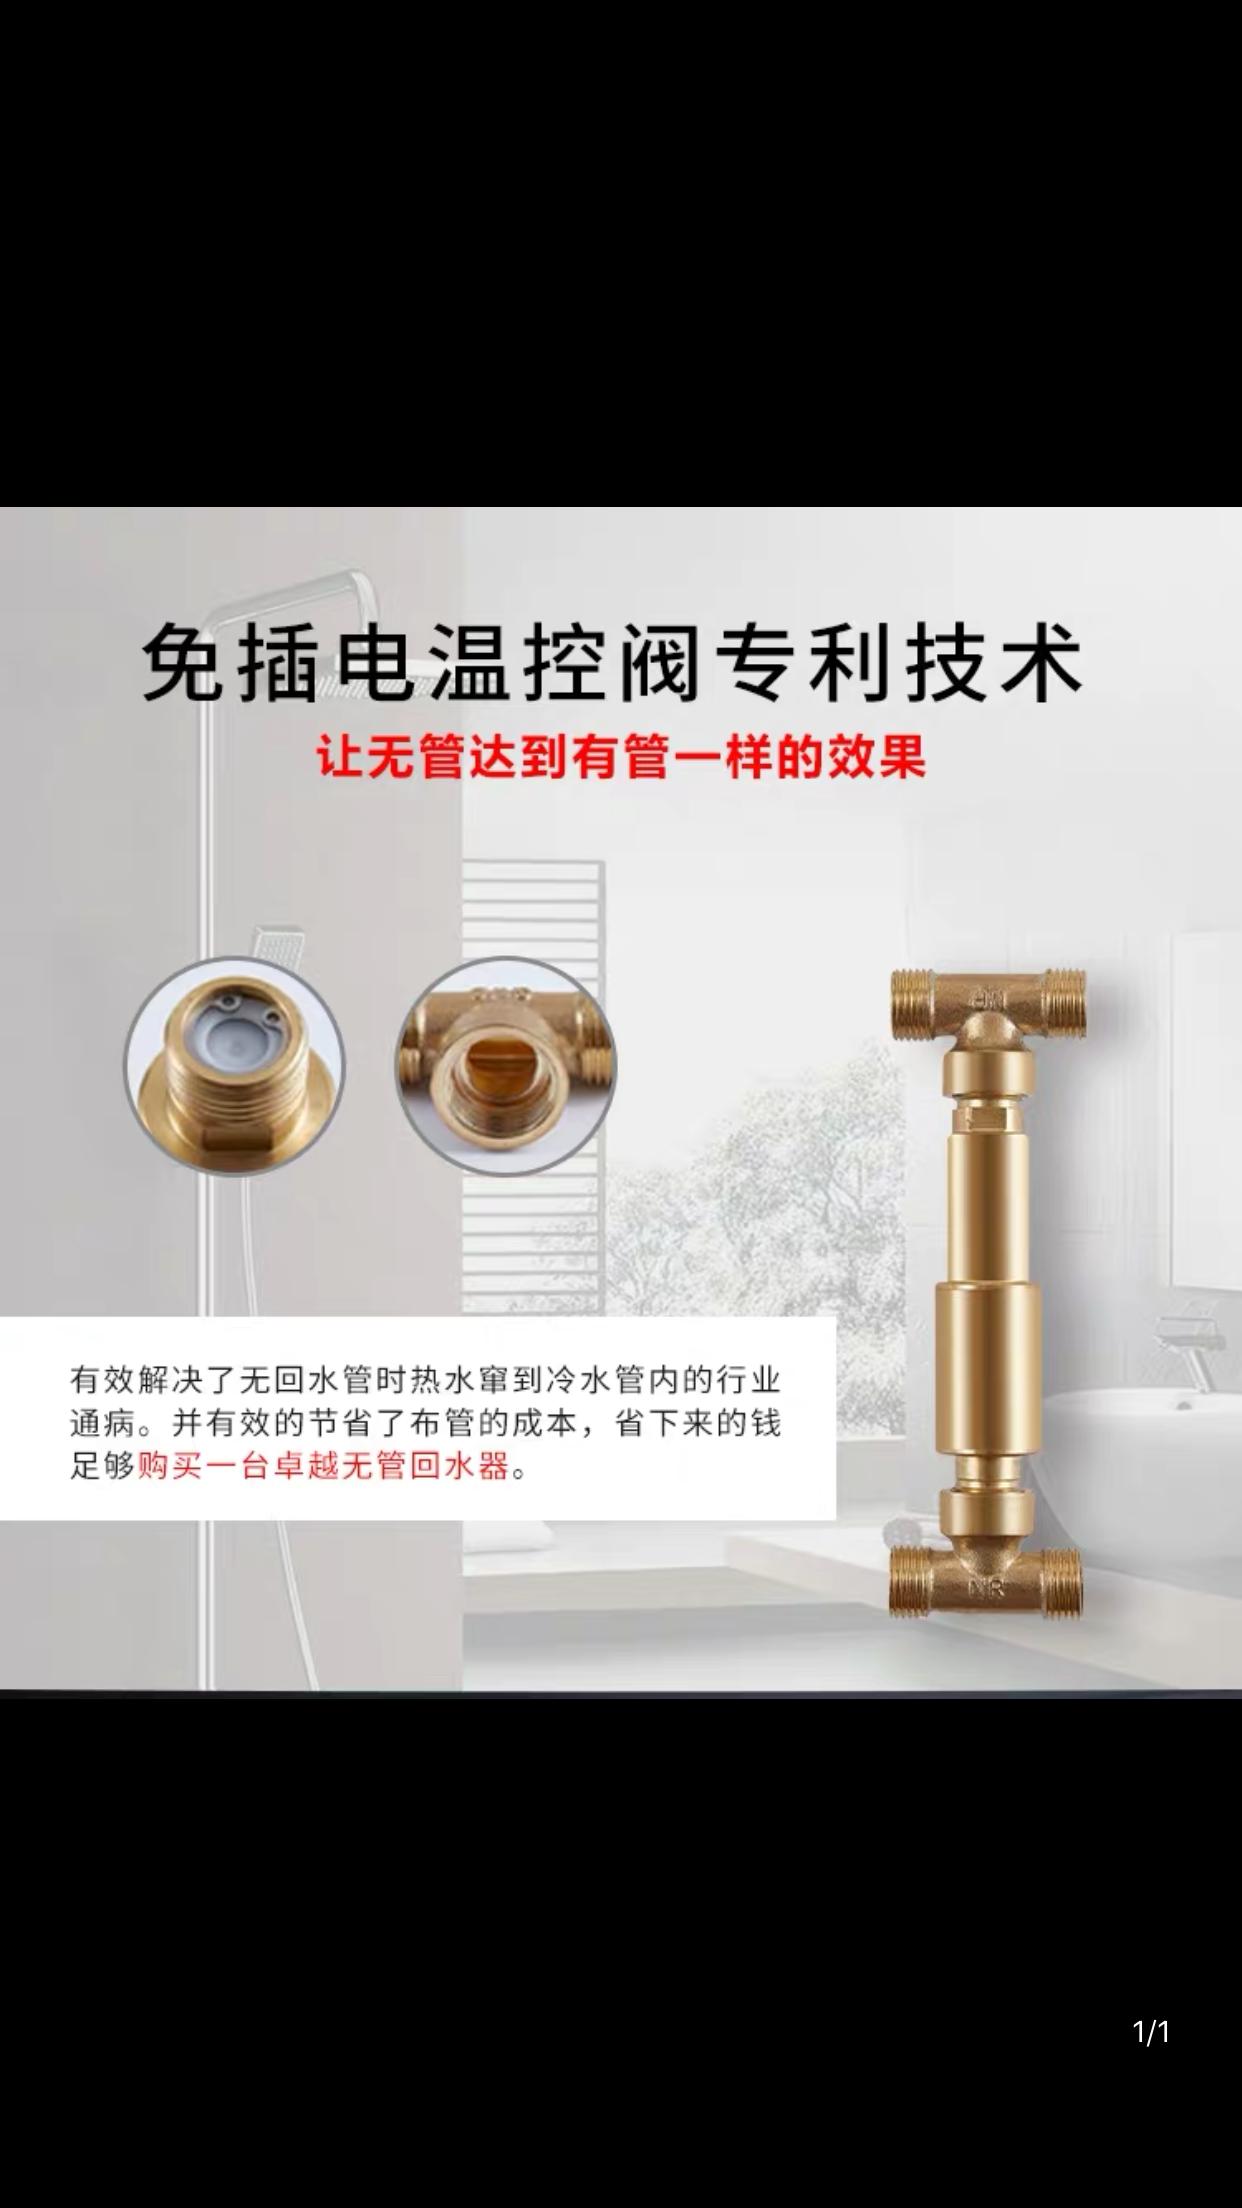 热水器免电恒温阀_威乐燃气热水器-广东中投电器有限公司